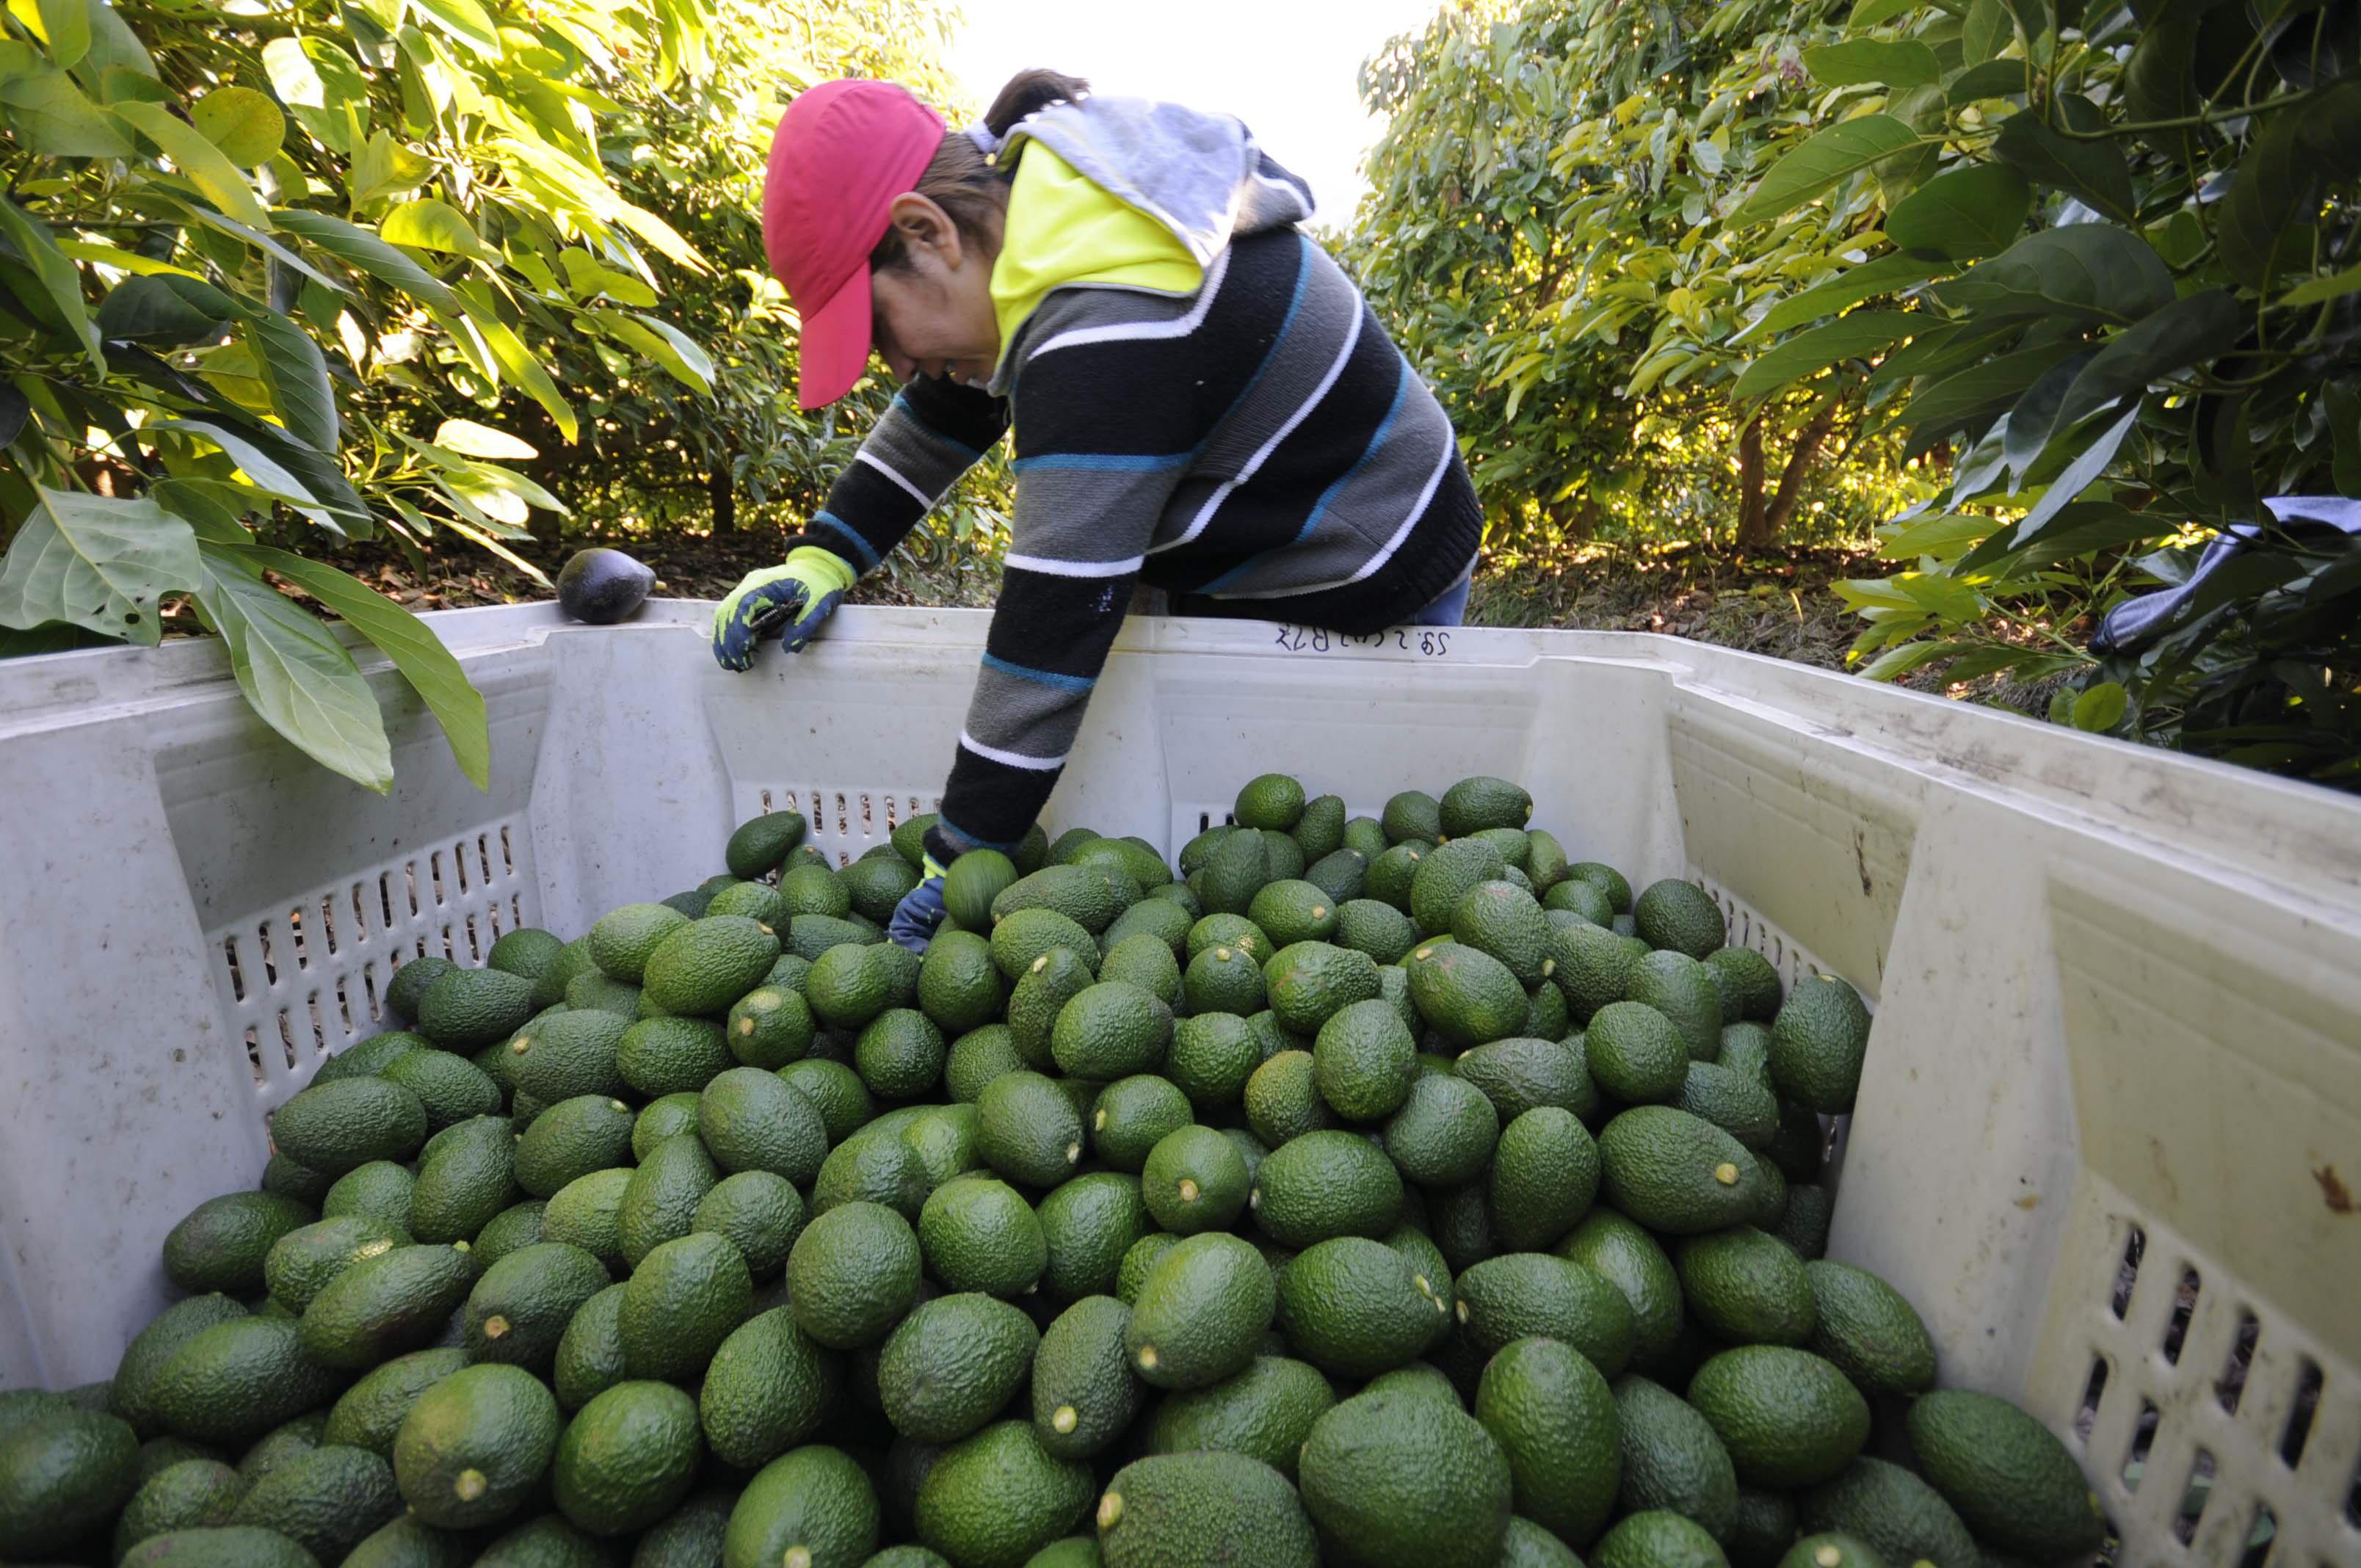 Reunión del MinAgricultura con cadenas agrícolas. Se ordenará la producción de aguacate | EL FRENTE